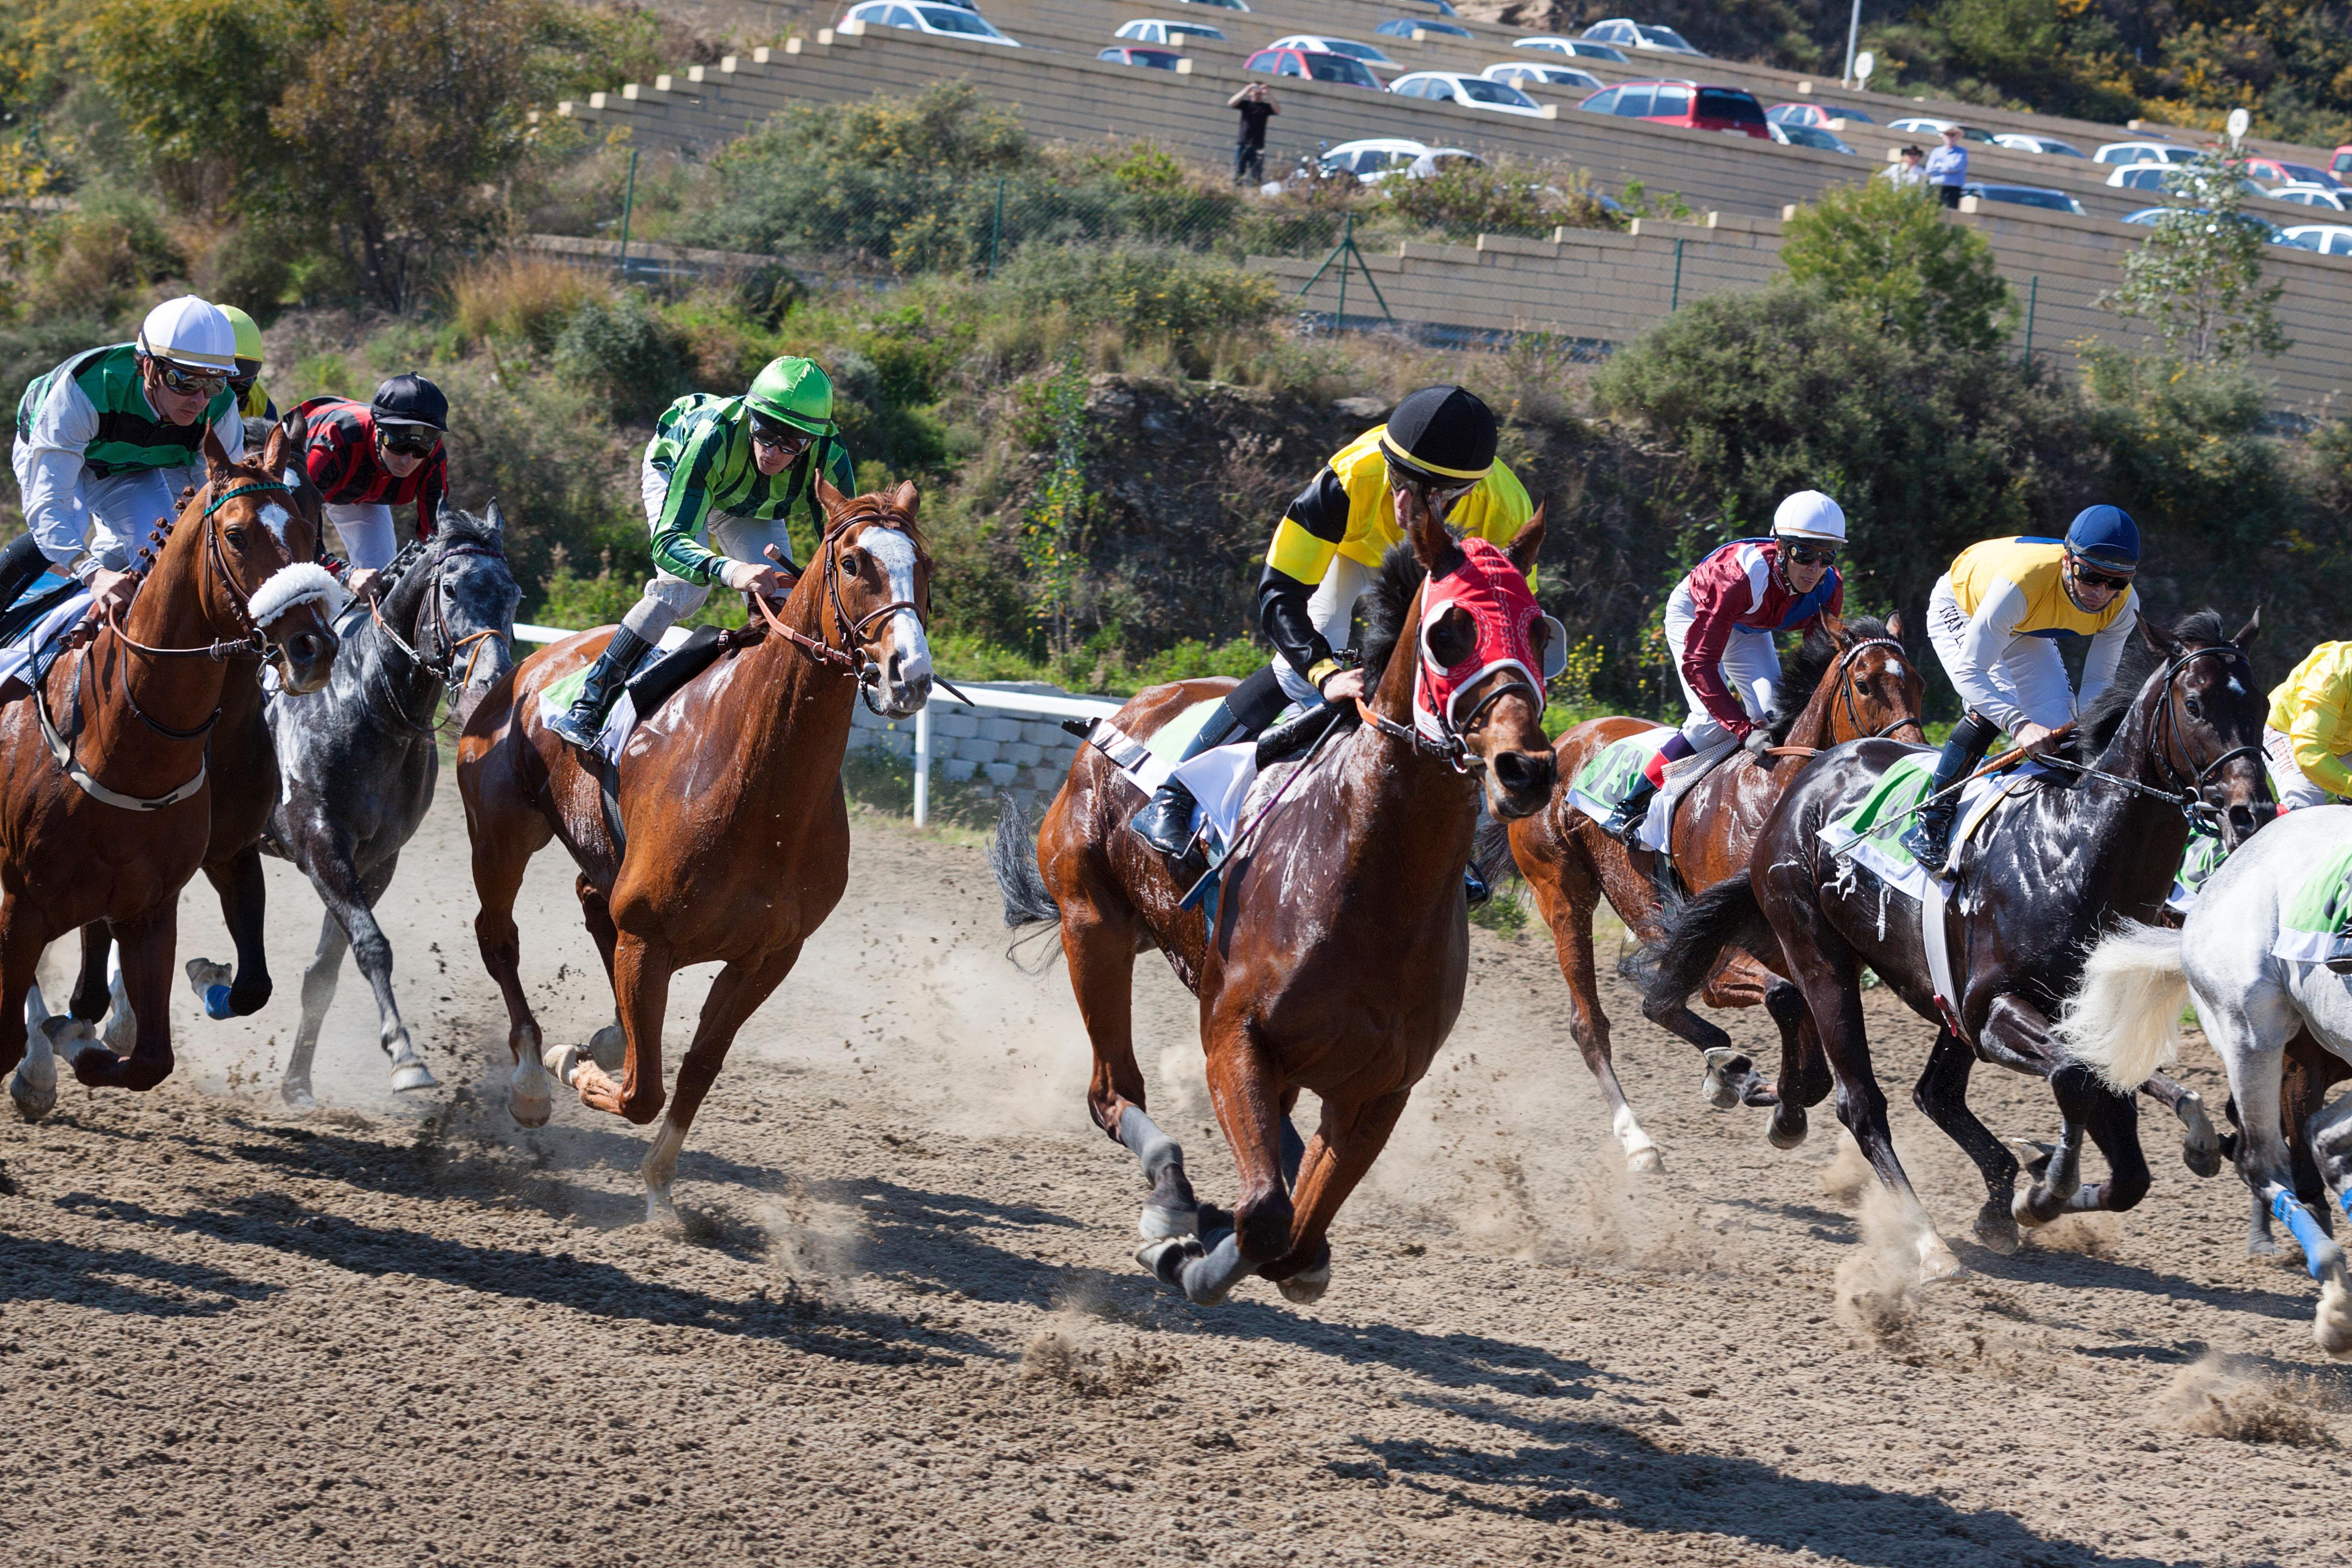 Конный спорт: виды, что это такое, список олимпийских и неолимпийских дисциплин, разновидности, троеборье, конкур, вестерн